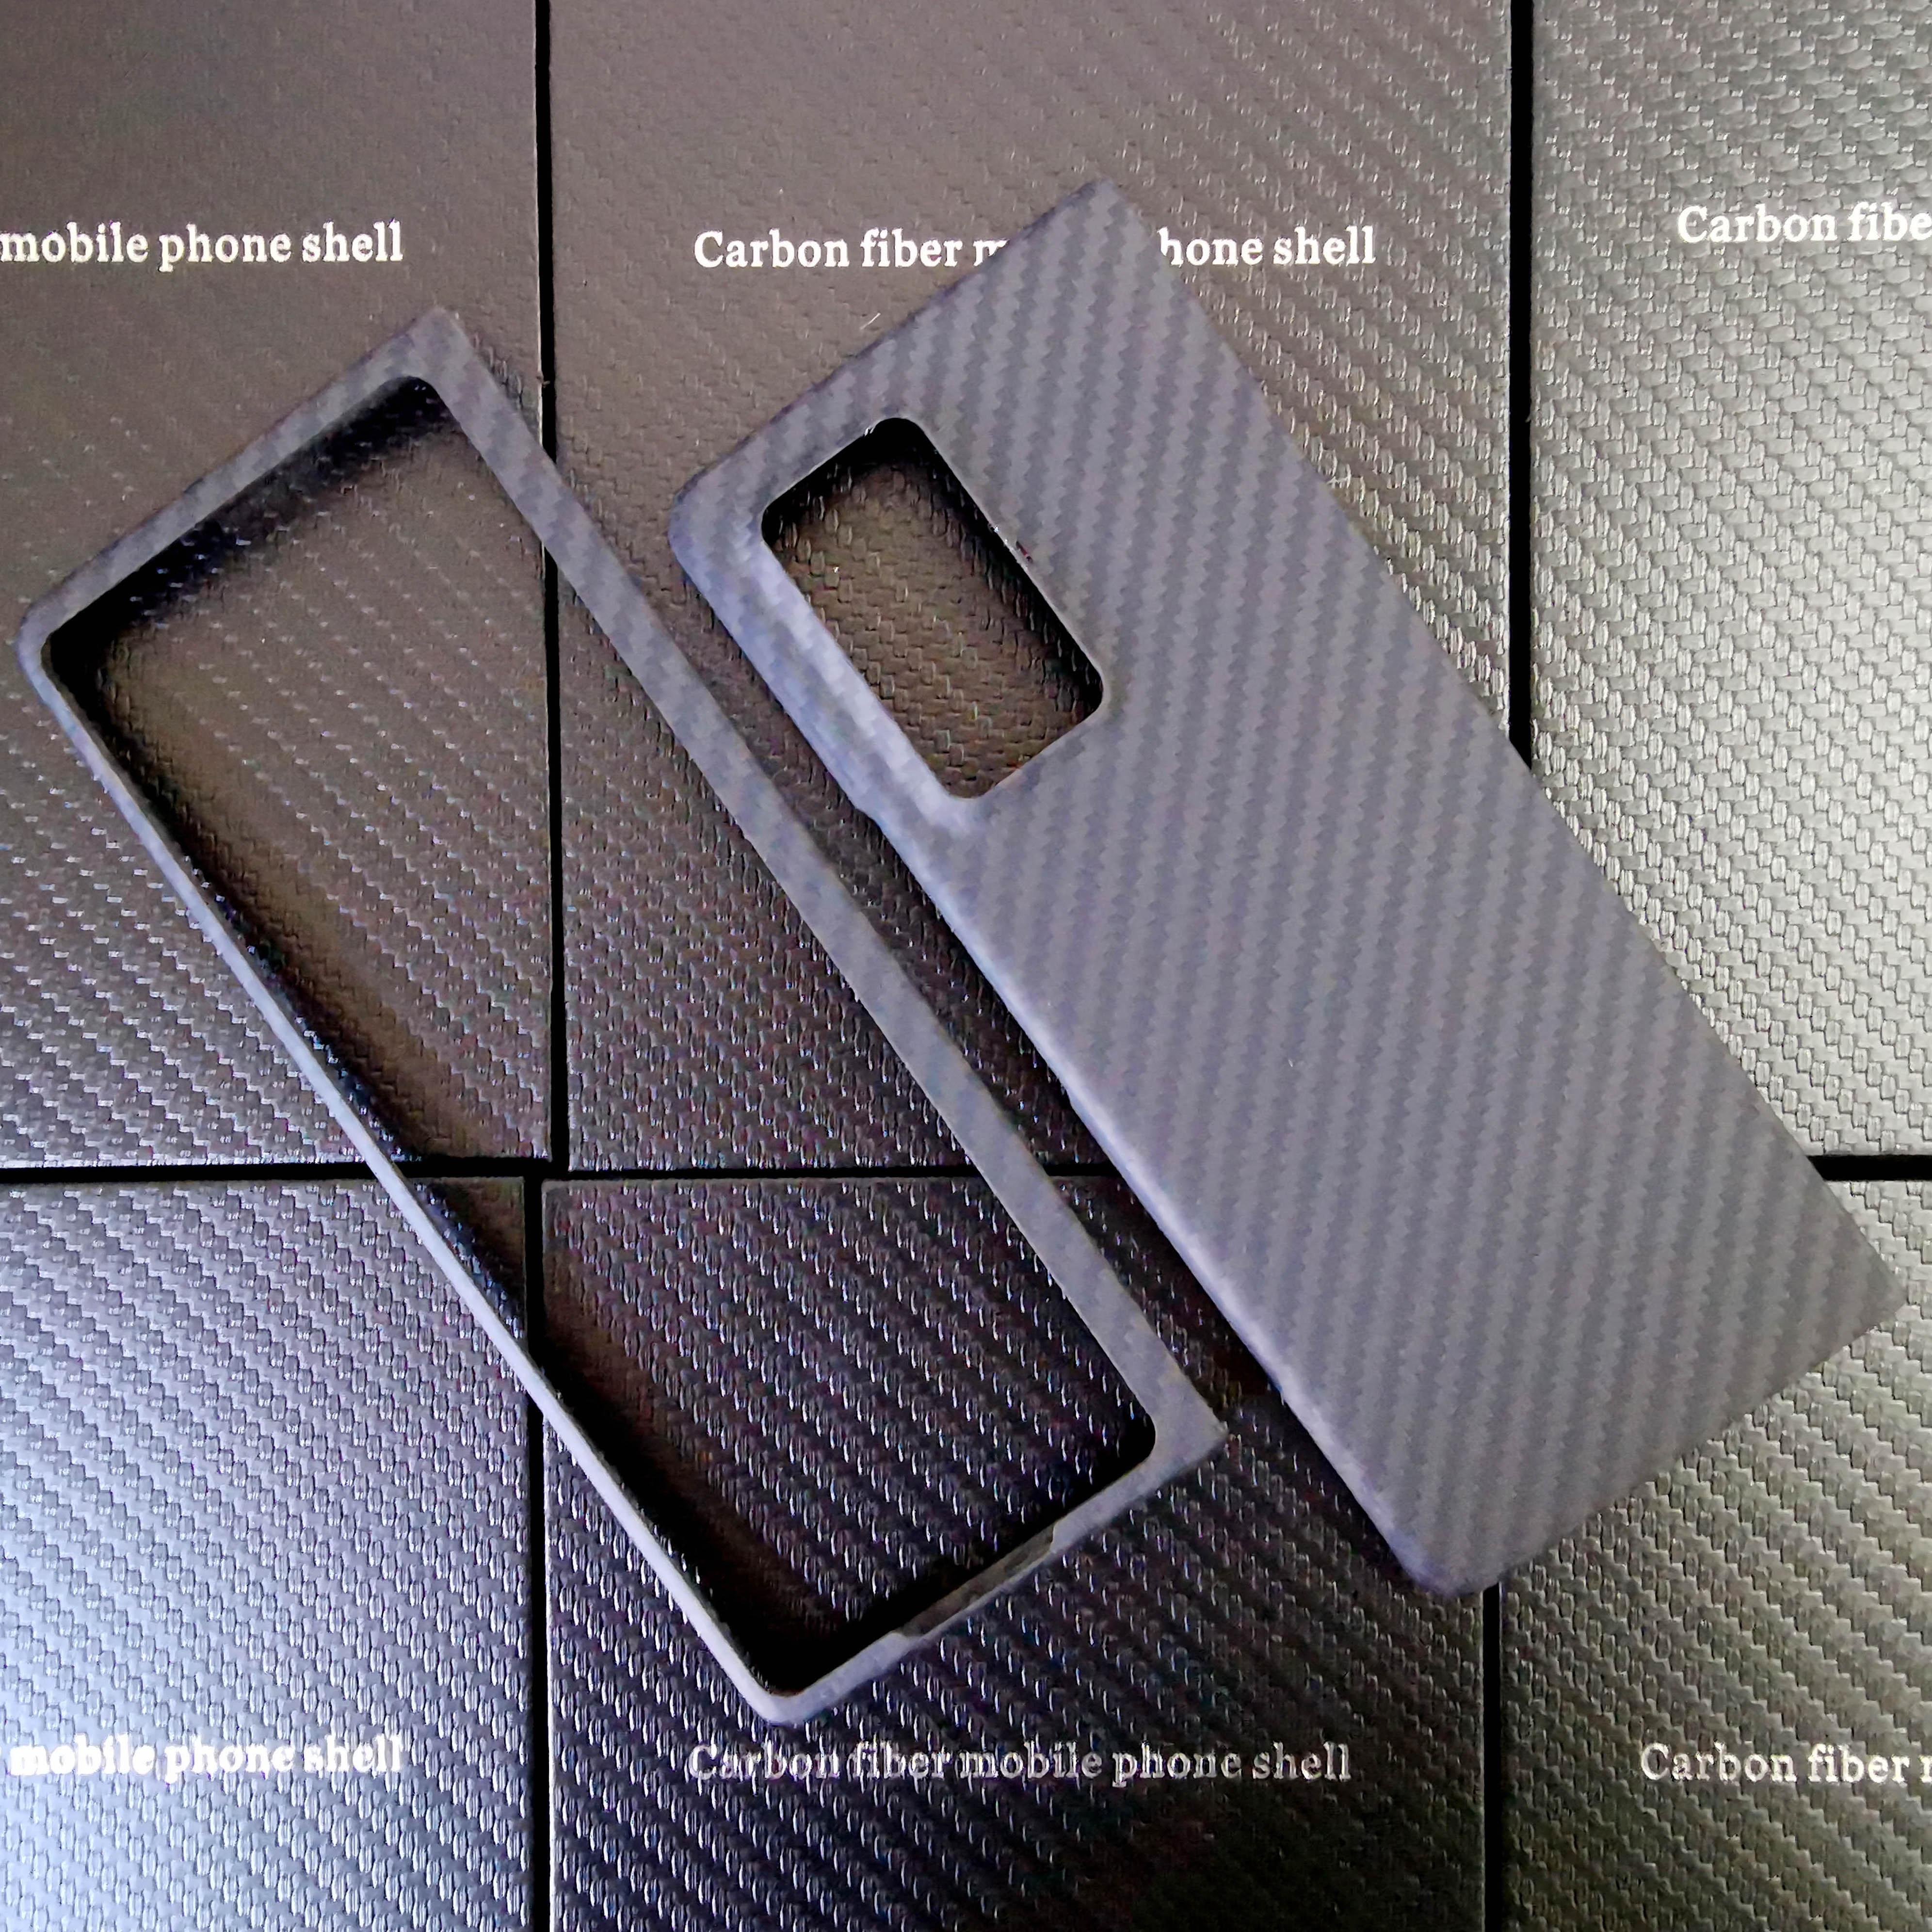 Матовый легкий Чехол ENMOV из настоящего углеродного волокна для Samsung Galaxy Z Fold2, противоударный чехол из углеродного волокна Z Fold2, матовый черны...